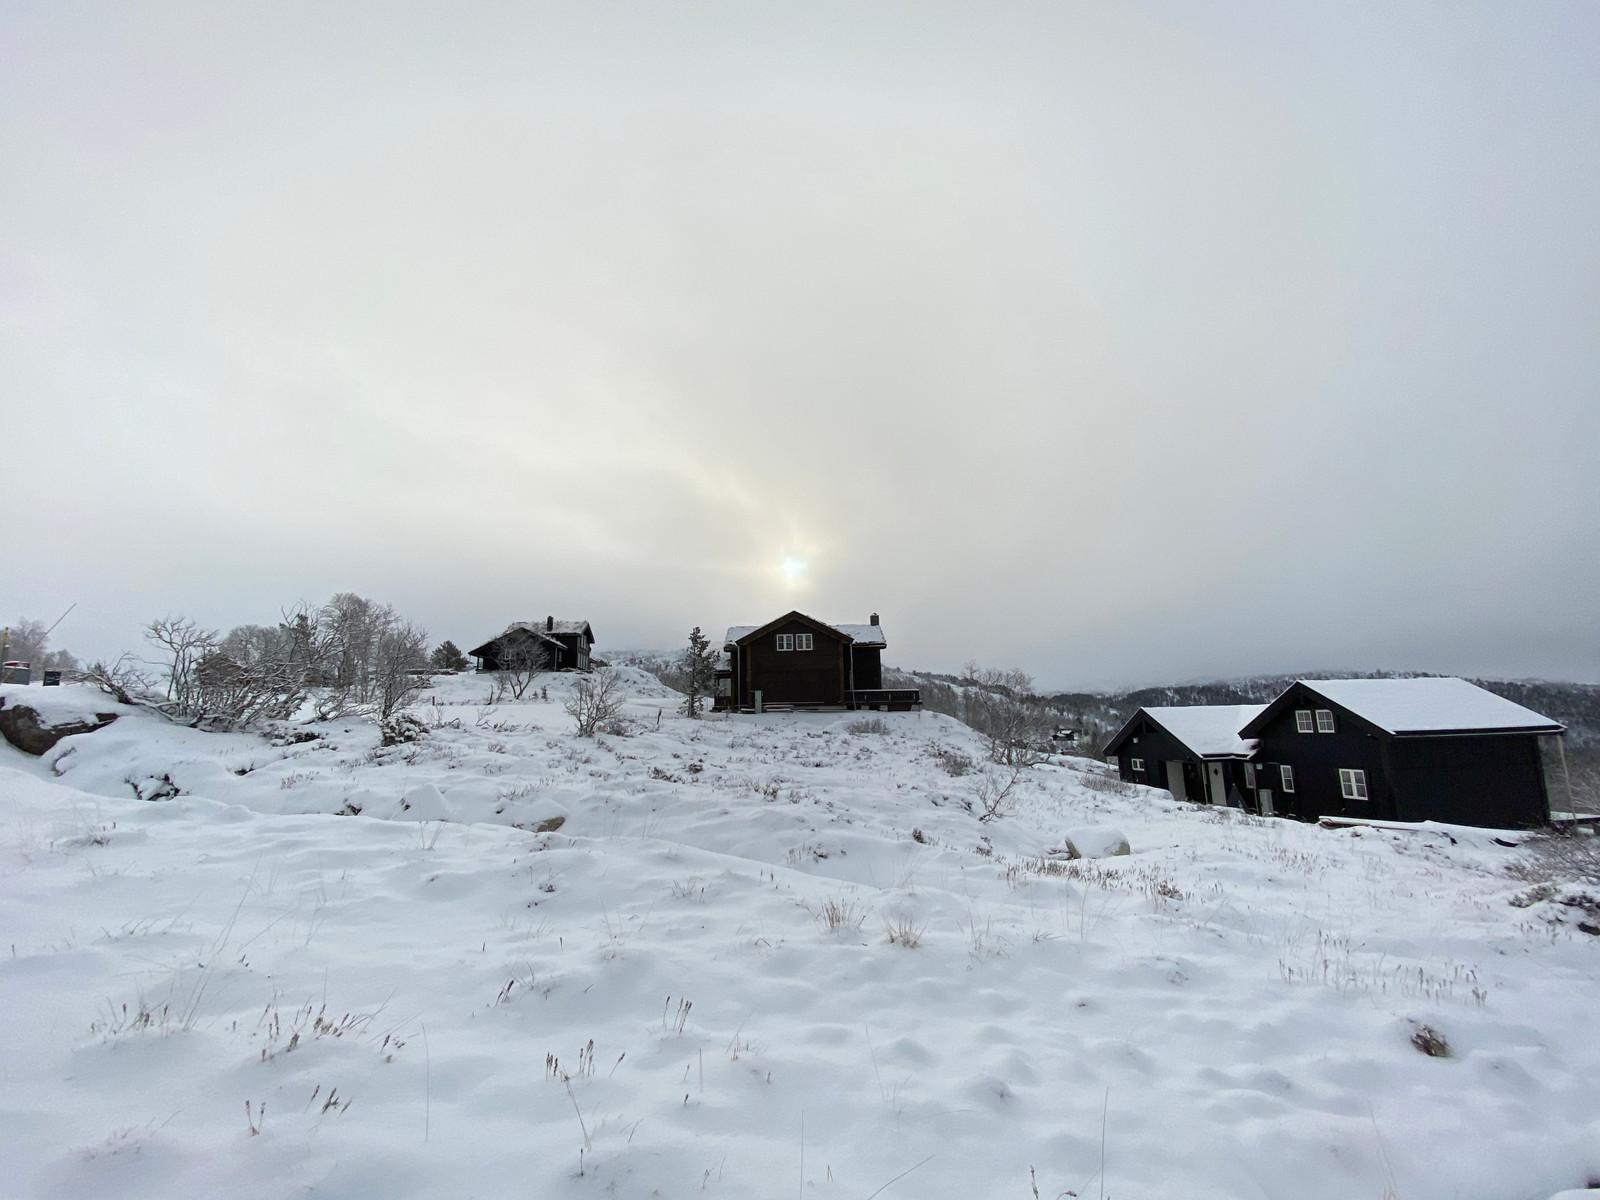 """Hattevarden hyttefelt er et felt med en fantastisk beliggenhet. Det er """"ski inn og ski ut"""" til både langrennsløyper og alpinanlegg.  Samtidig ligger feltet lunt til, med perfekte sol forhold med kveldssol, samt en veldig flott utsikt!"""